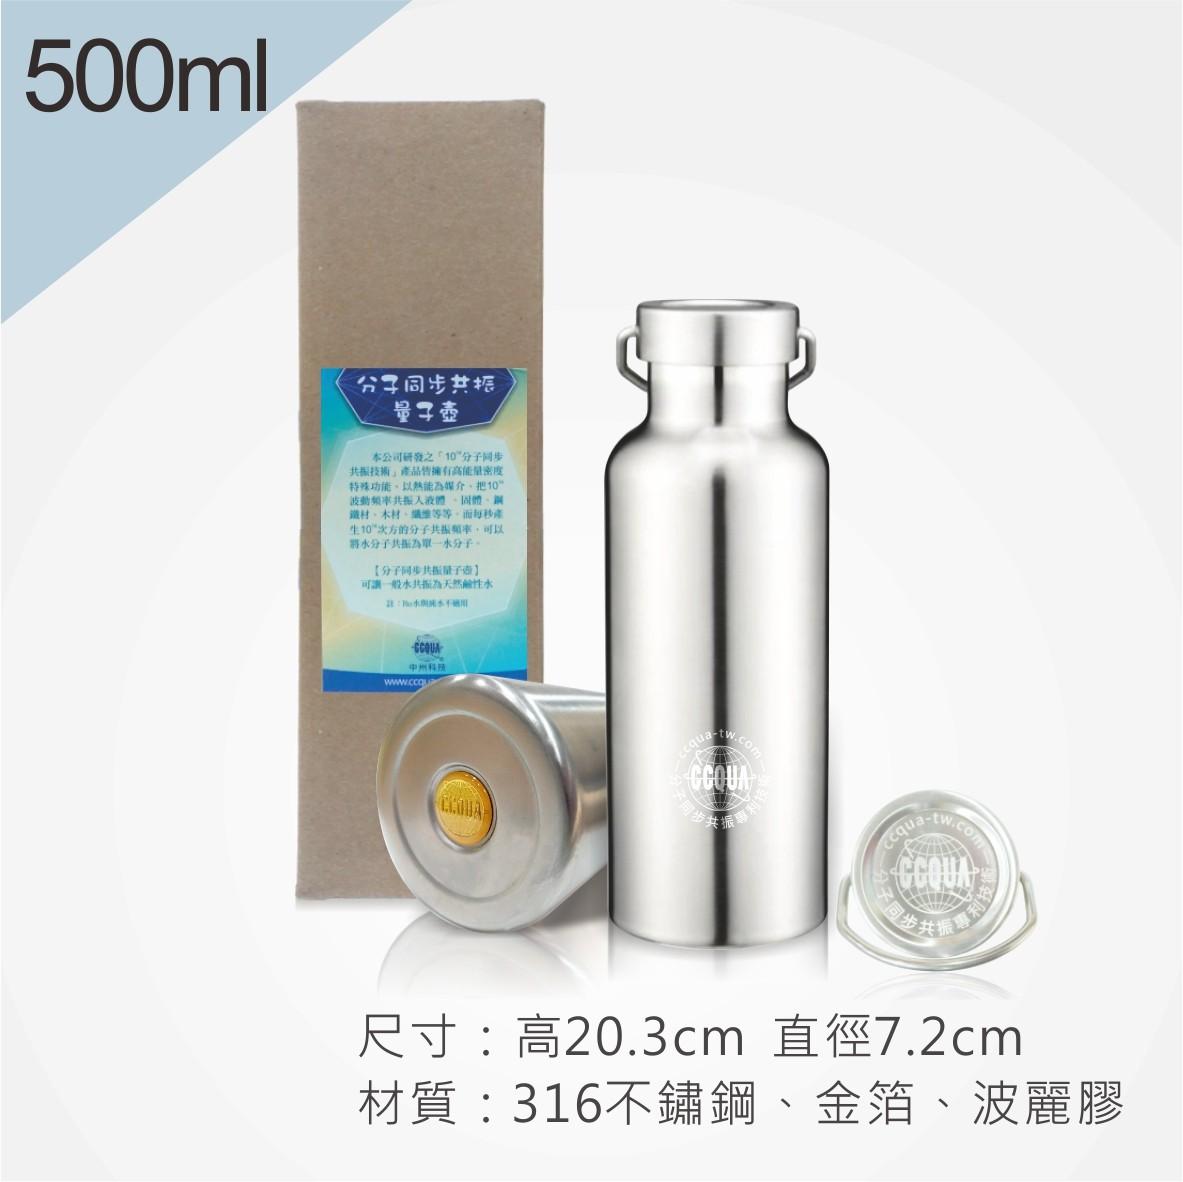 分子同步共振量子壺-500ml